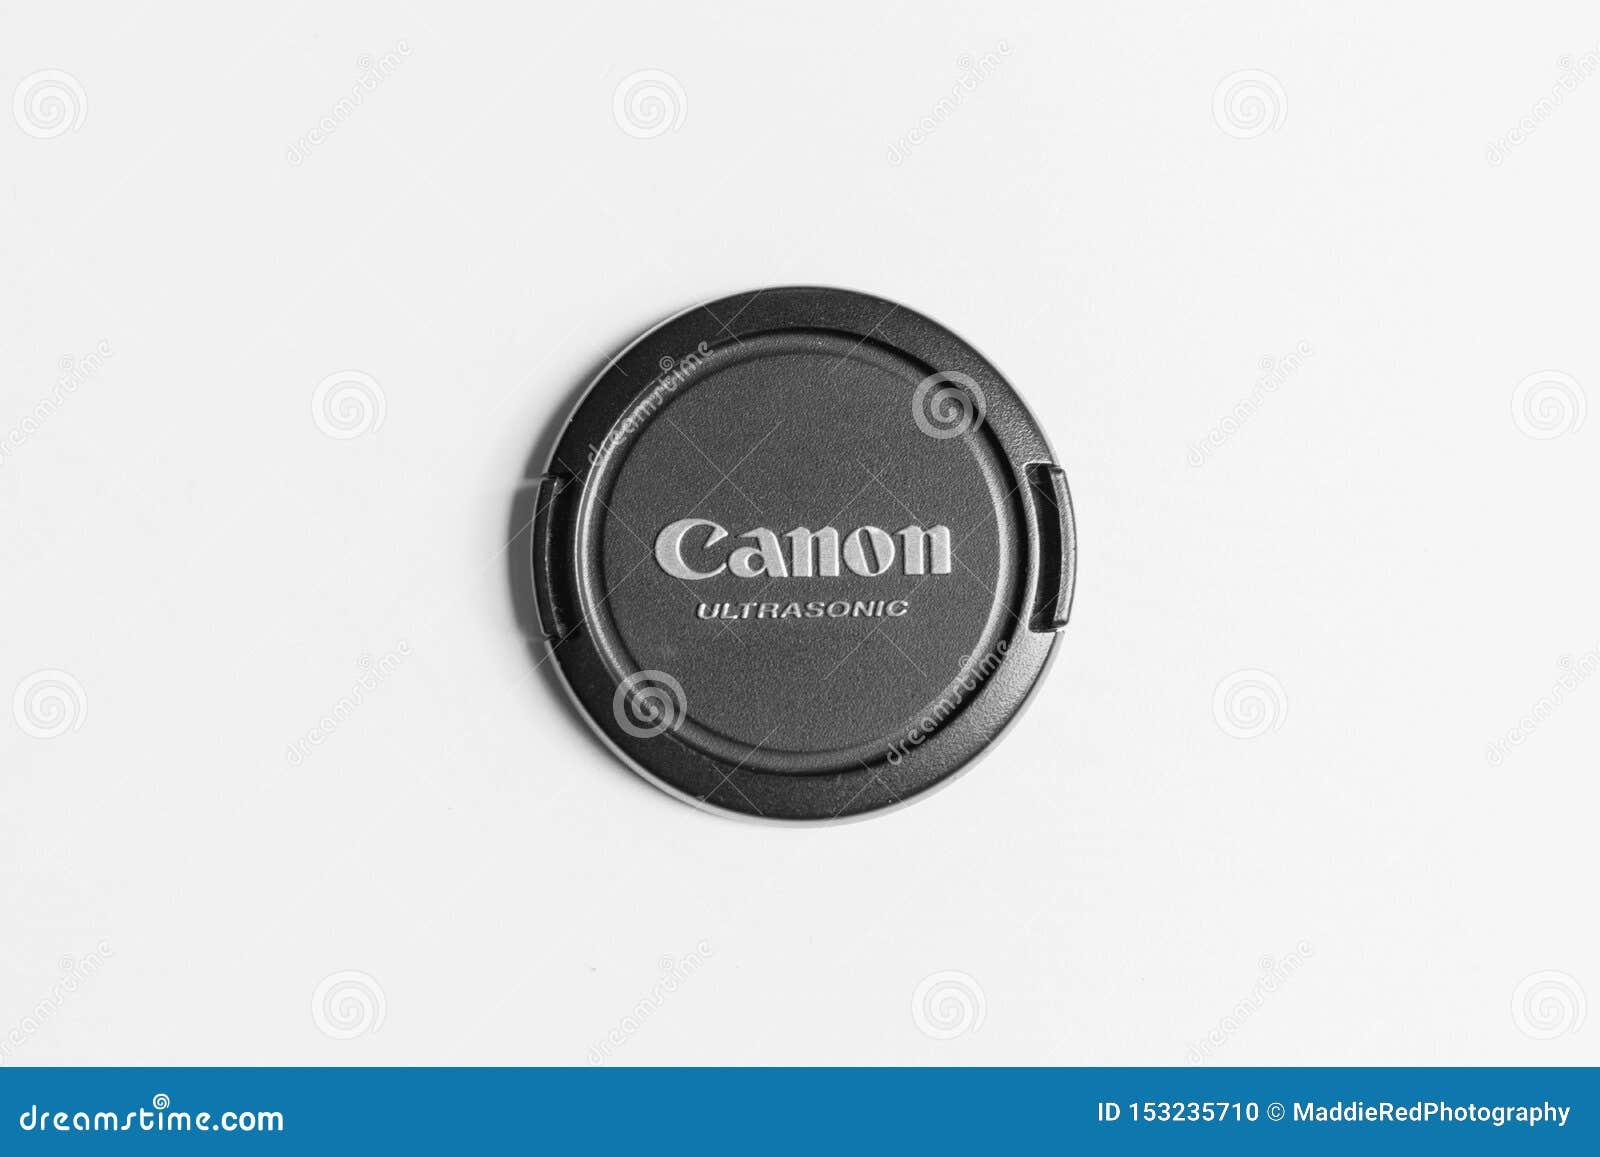 Londres/11 de julio de 2019 BRITÁNICO - primer de un casquillo de lente de Canon en una superficie blanca